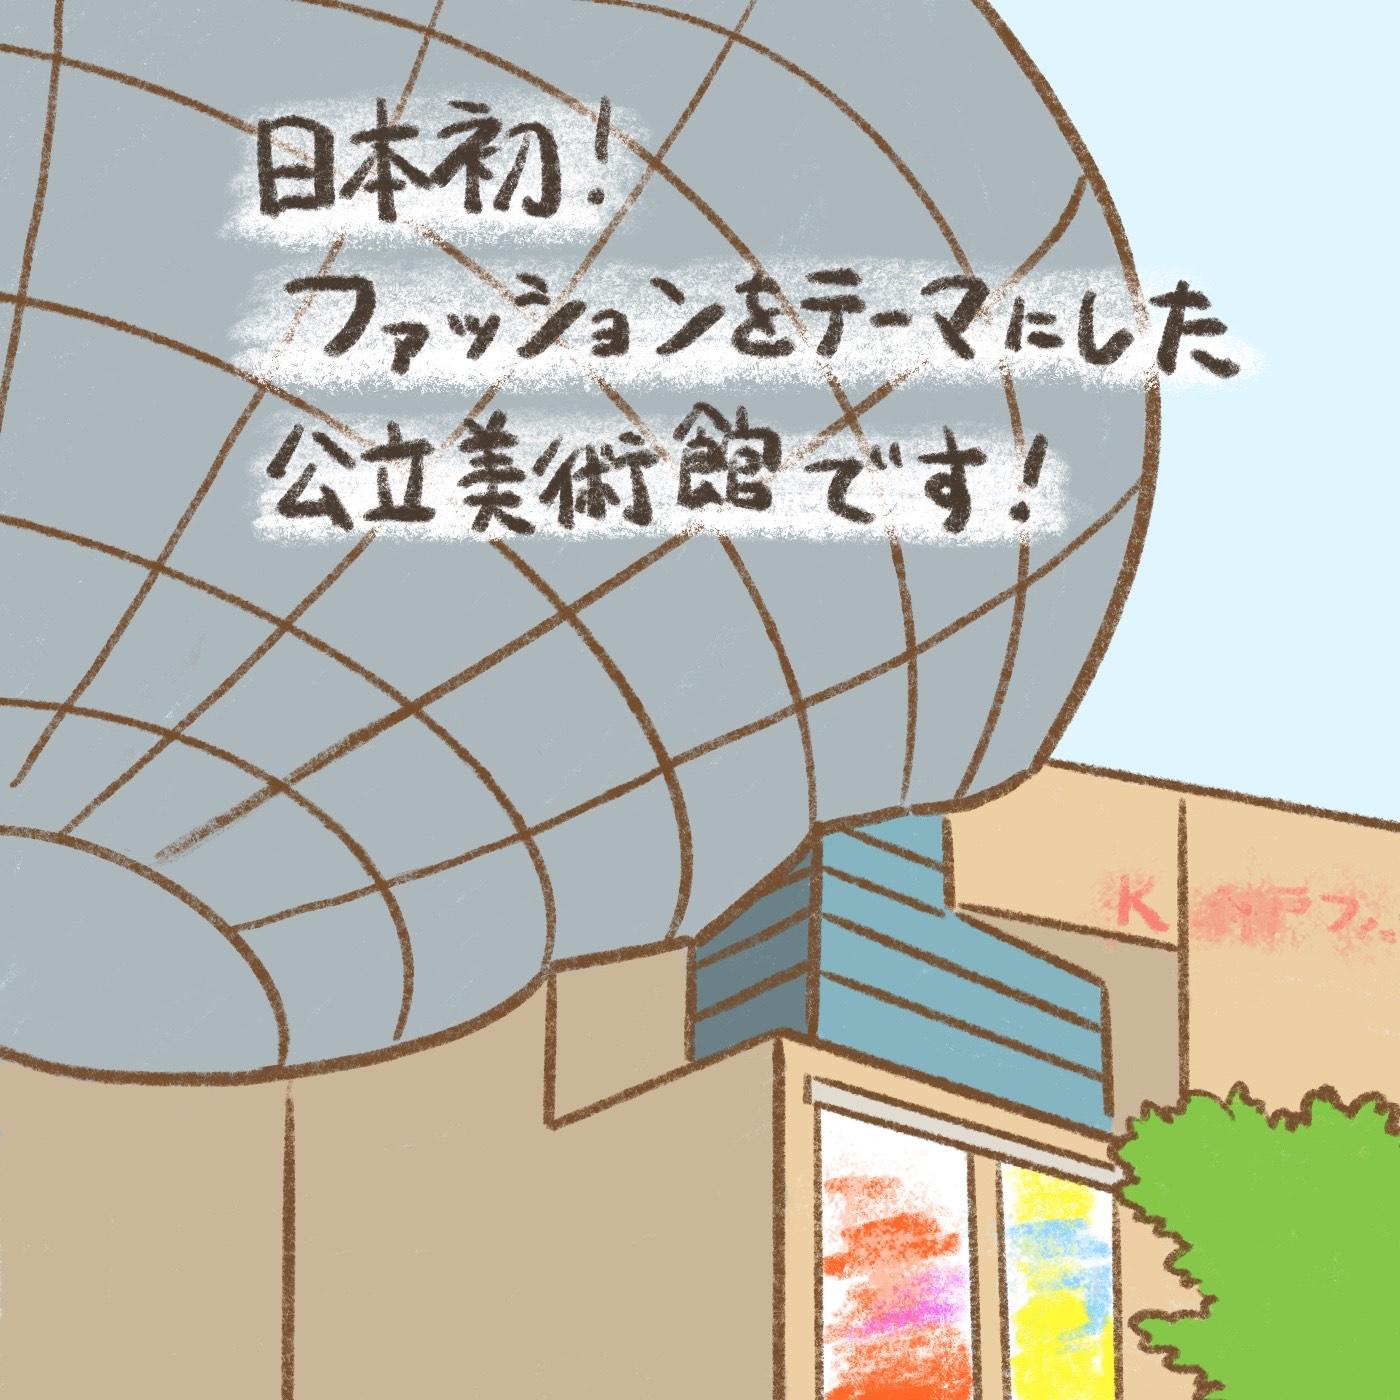 OBIKAKE ナニソレ 神戸ファッション美術館